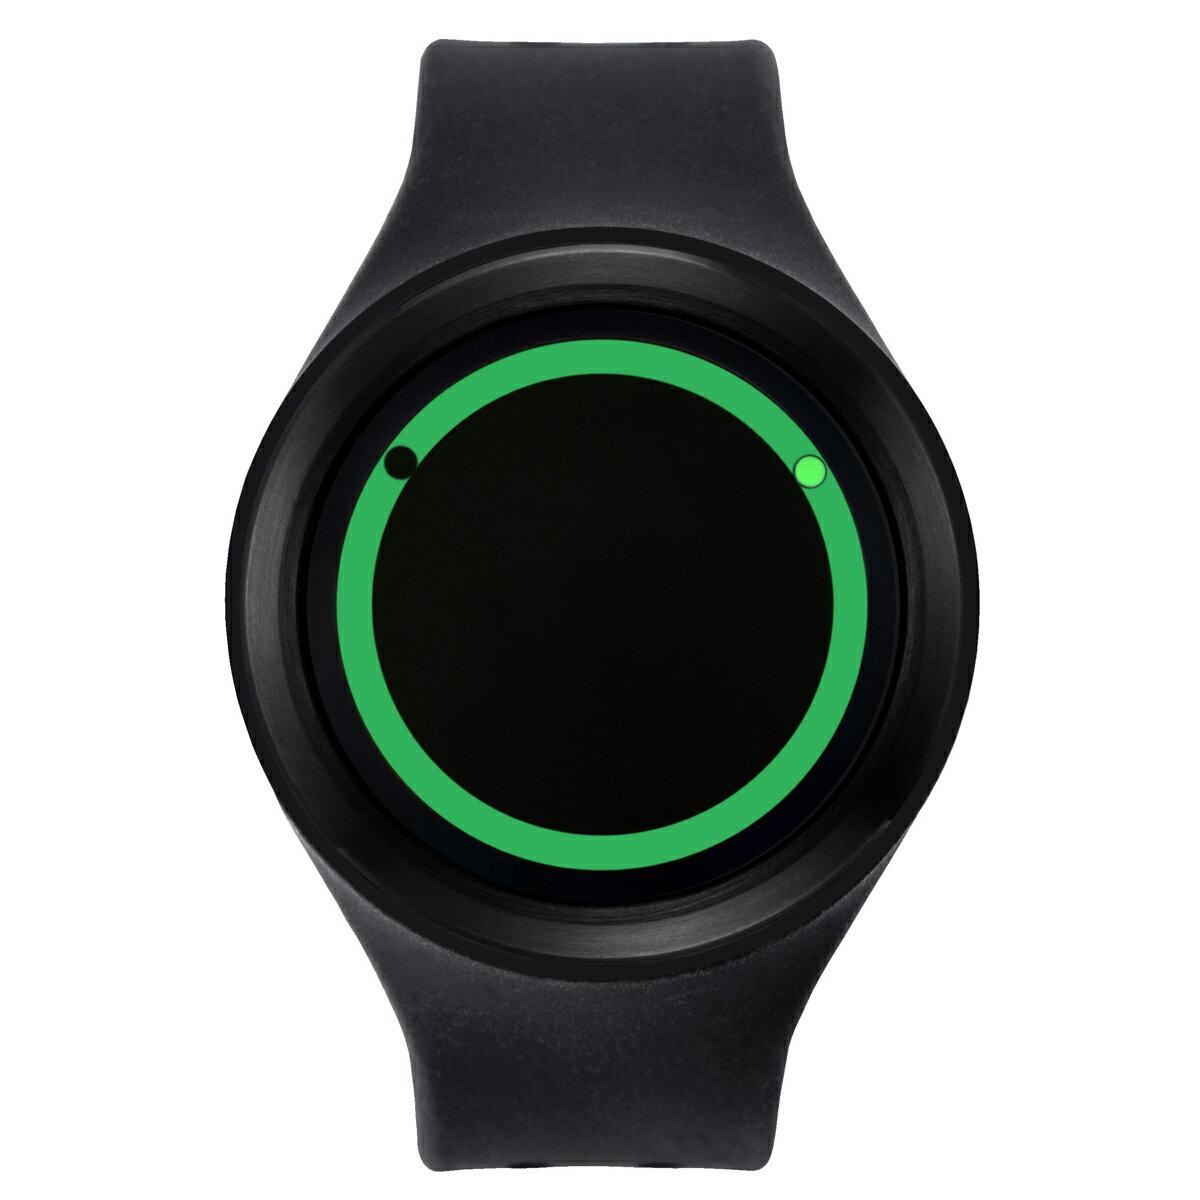 ZEROO PLANET ECLIPSE ゼロ 電池式クォーツ 腕時計 [W00902B03SR02] ブラック デザインウォッチ ペア用 メンズ レディース ユニセックス おしゃれ時計 デザイナーズ